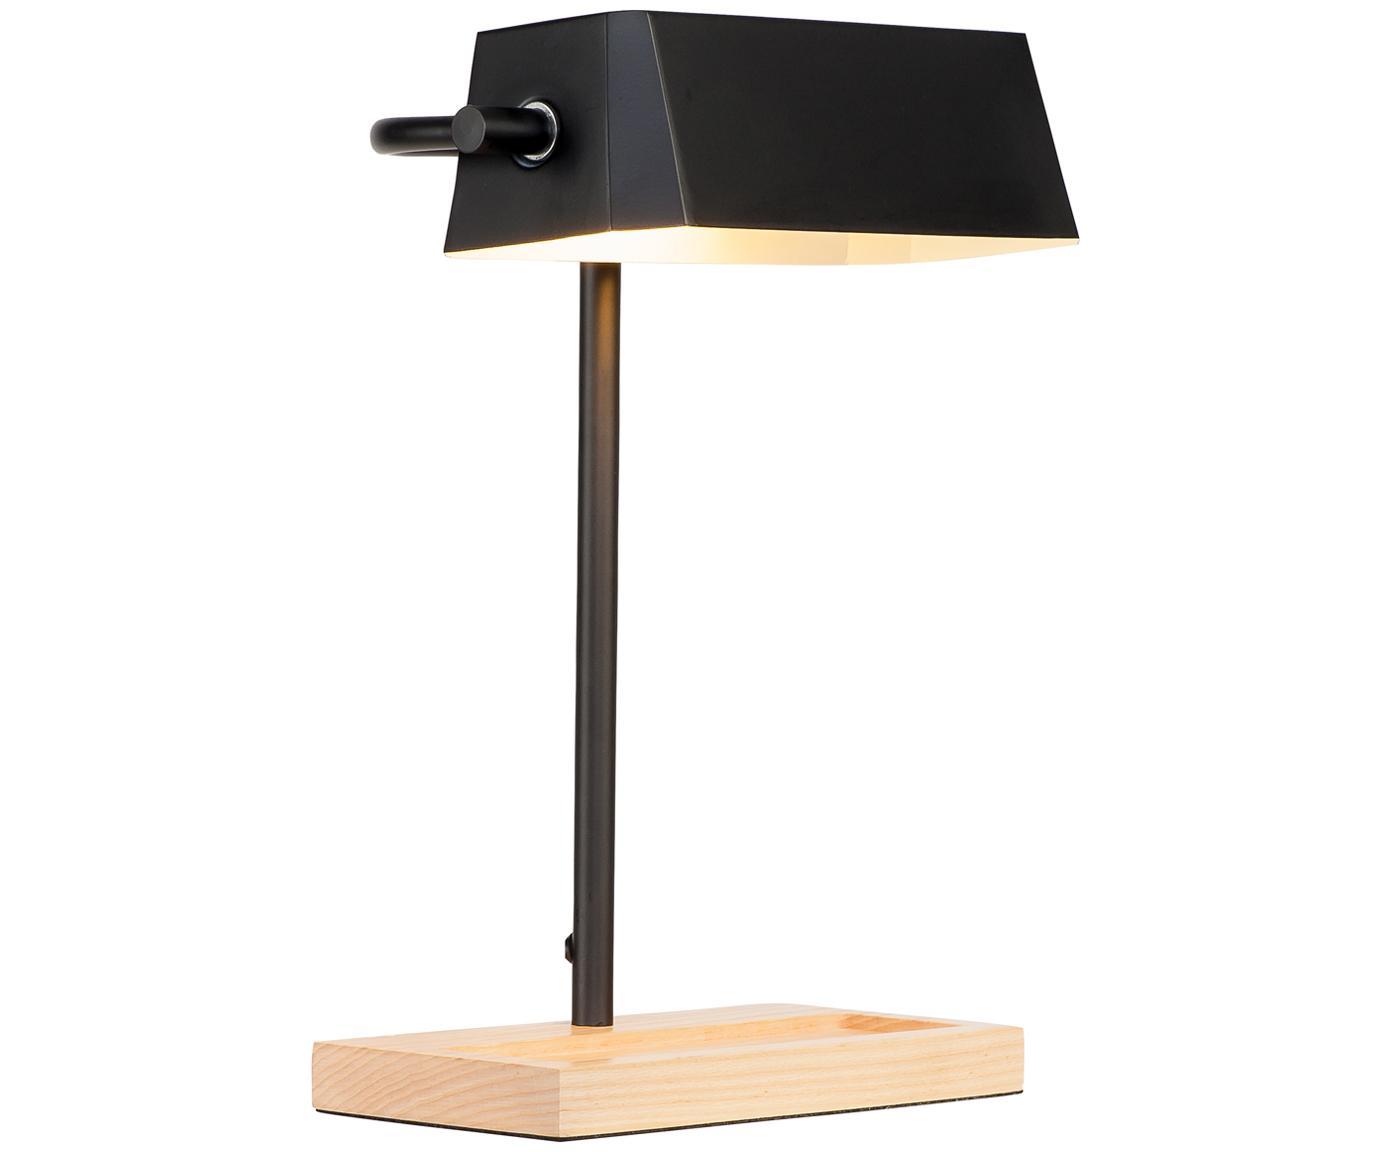 Retro-Schreibtischlampe Cambridge mit Stiftablage, Lampenfuß: Buchenholz, Schwarz, Hellbraun, 25 x 40 cm